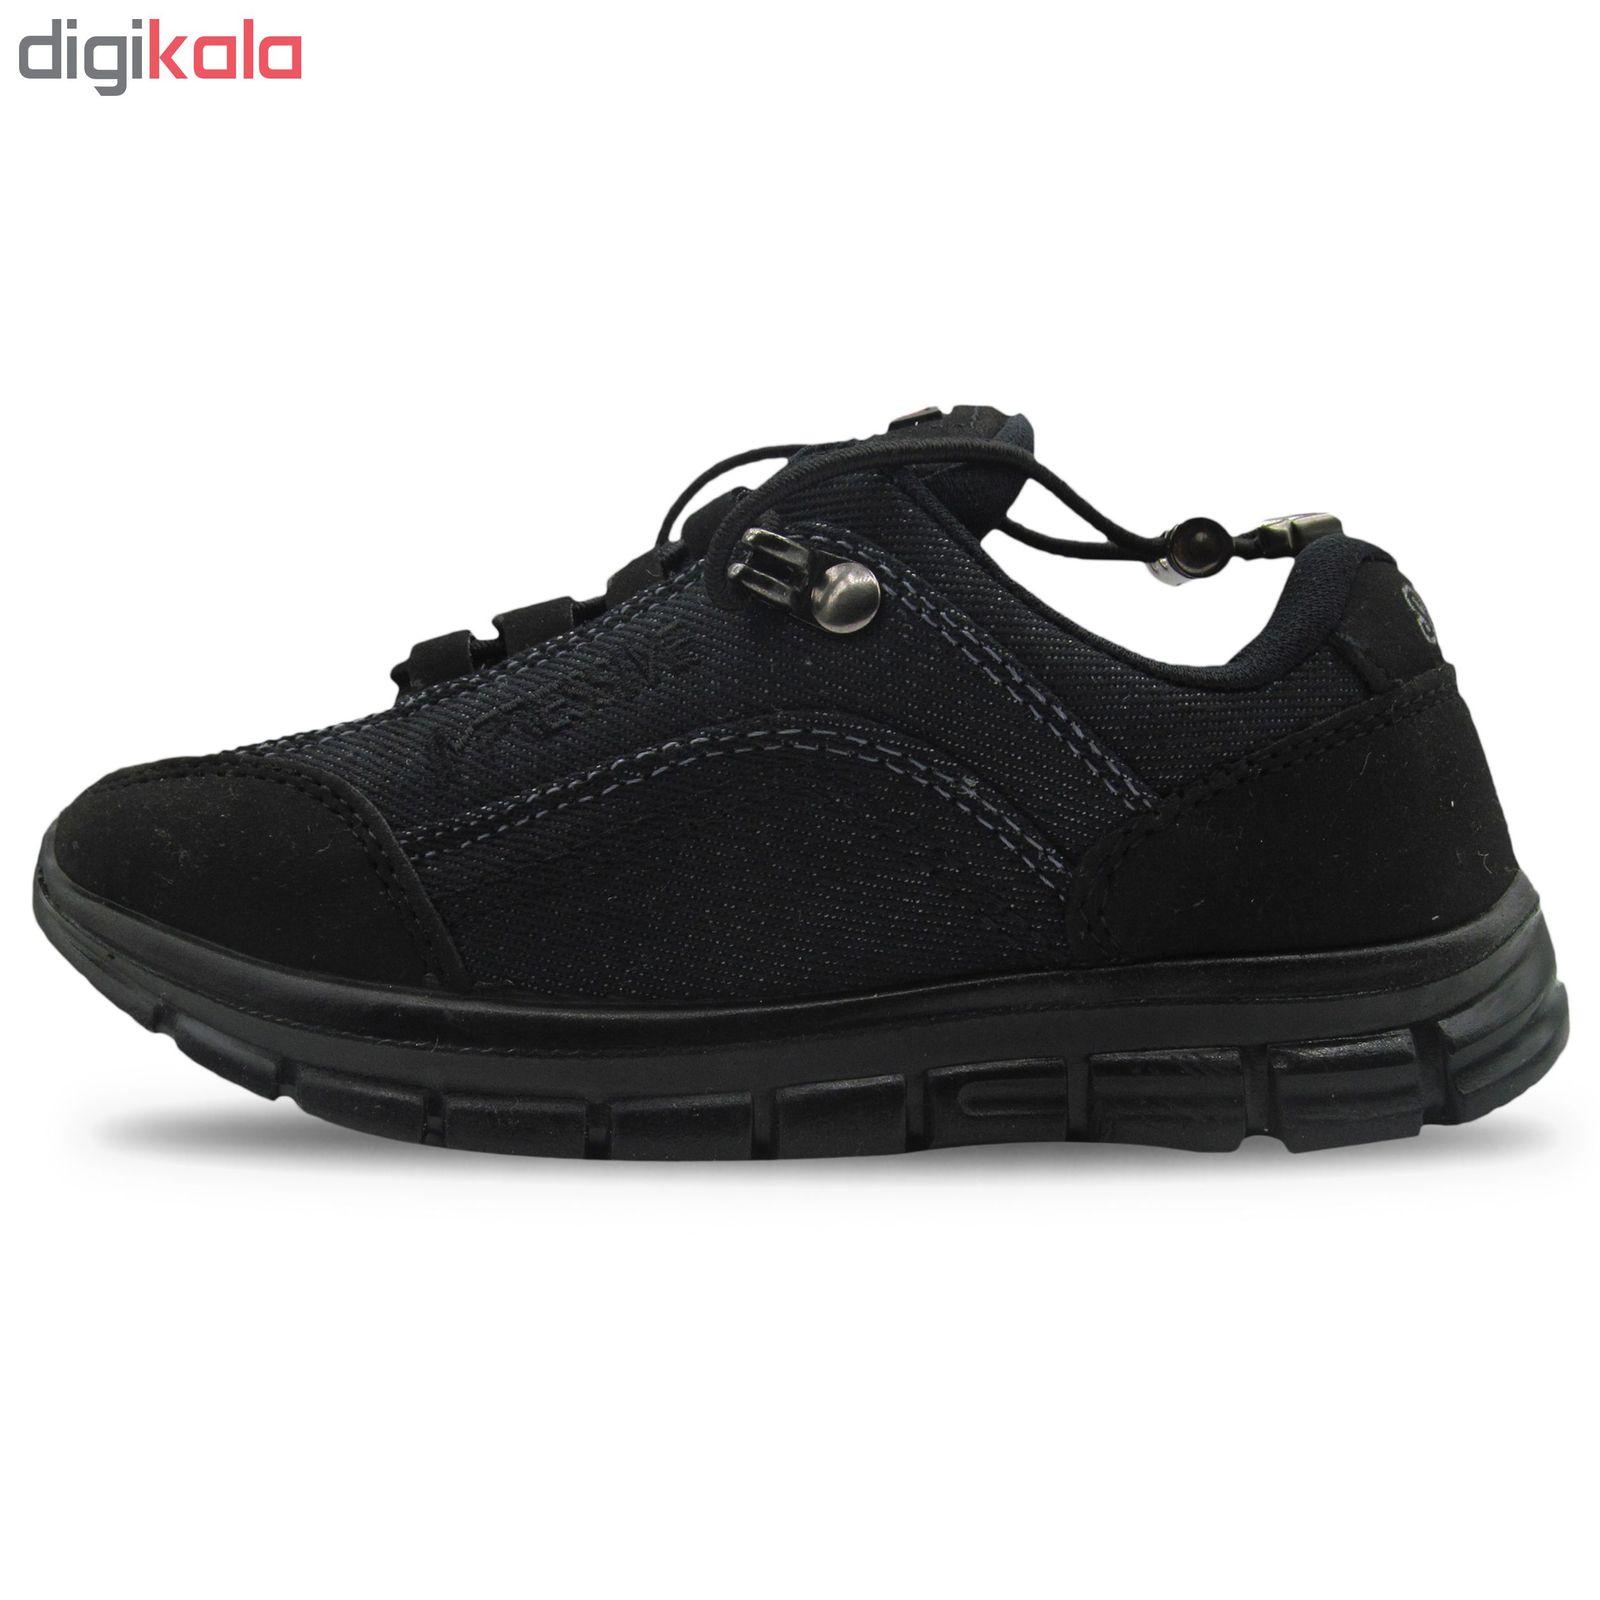 کفش بچه گانه شیما مدل اسکات کد 1196